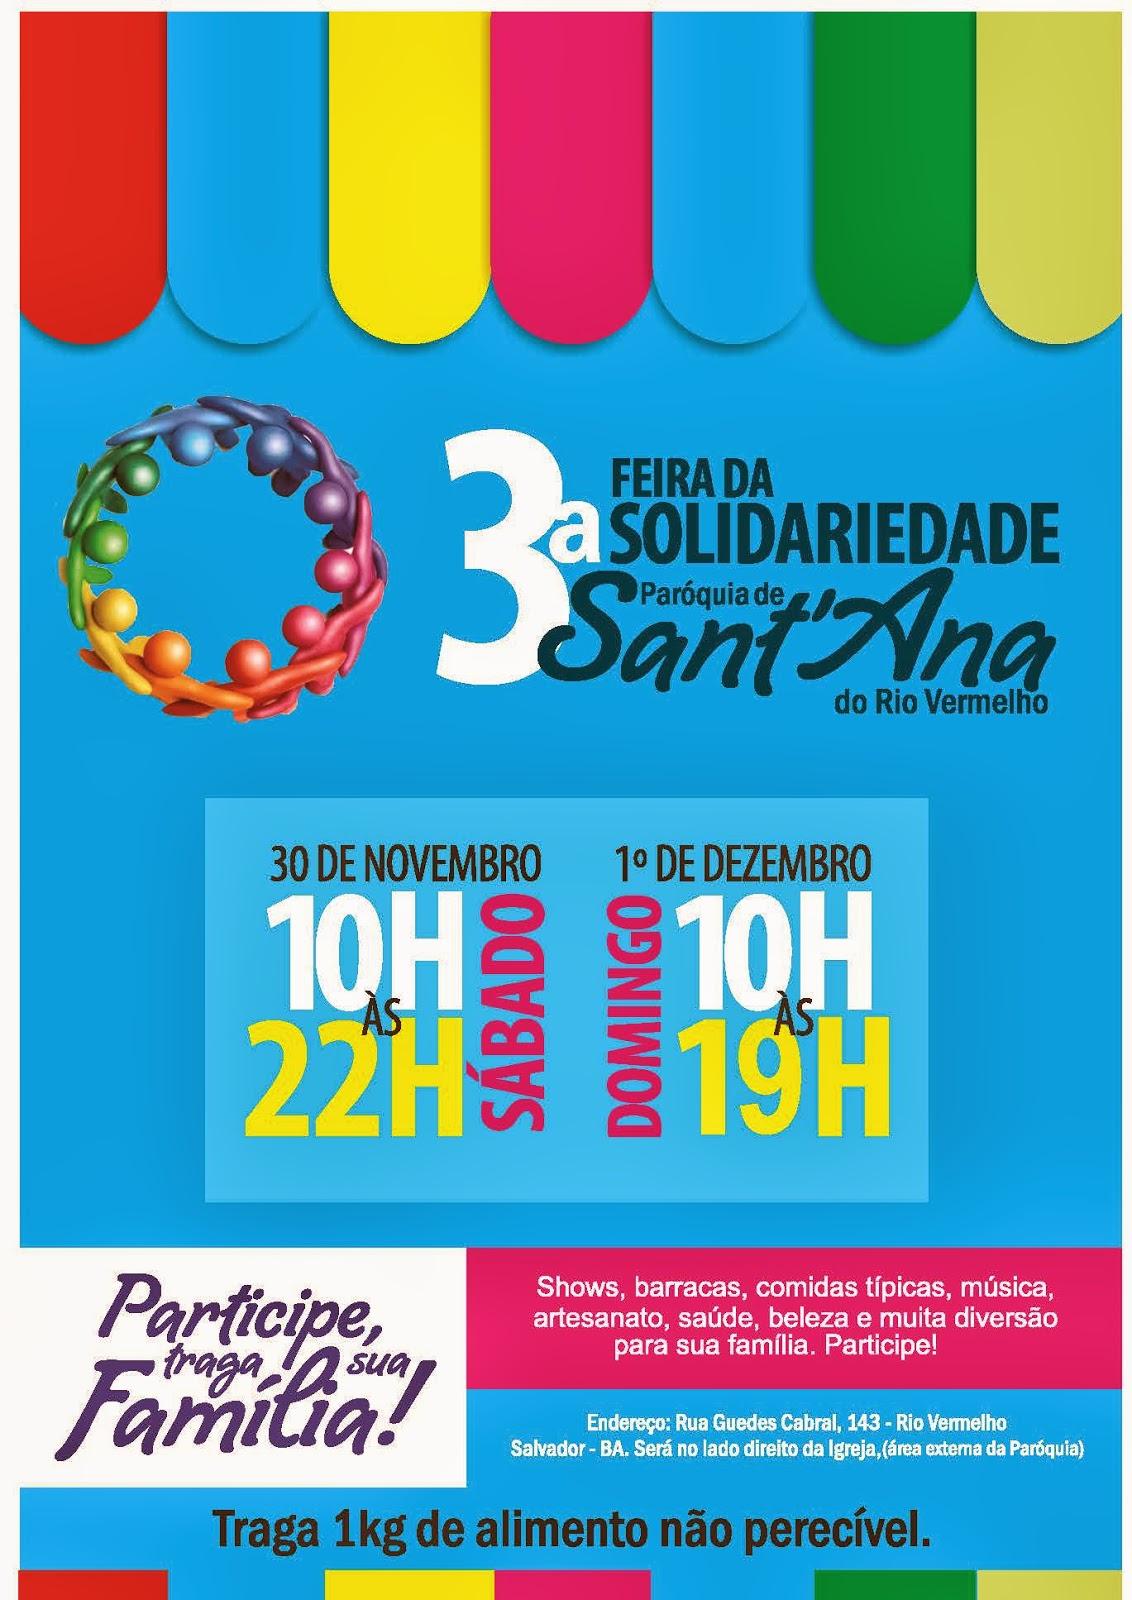 Participe da Feira da Solidariedade da Paróquia de Santana do Rio Vermelho